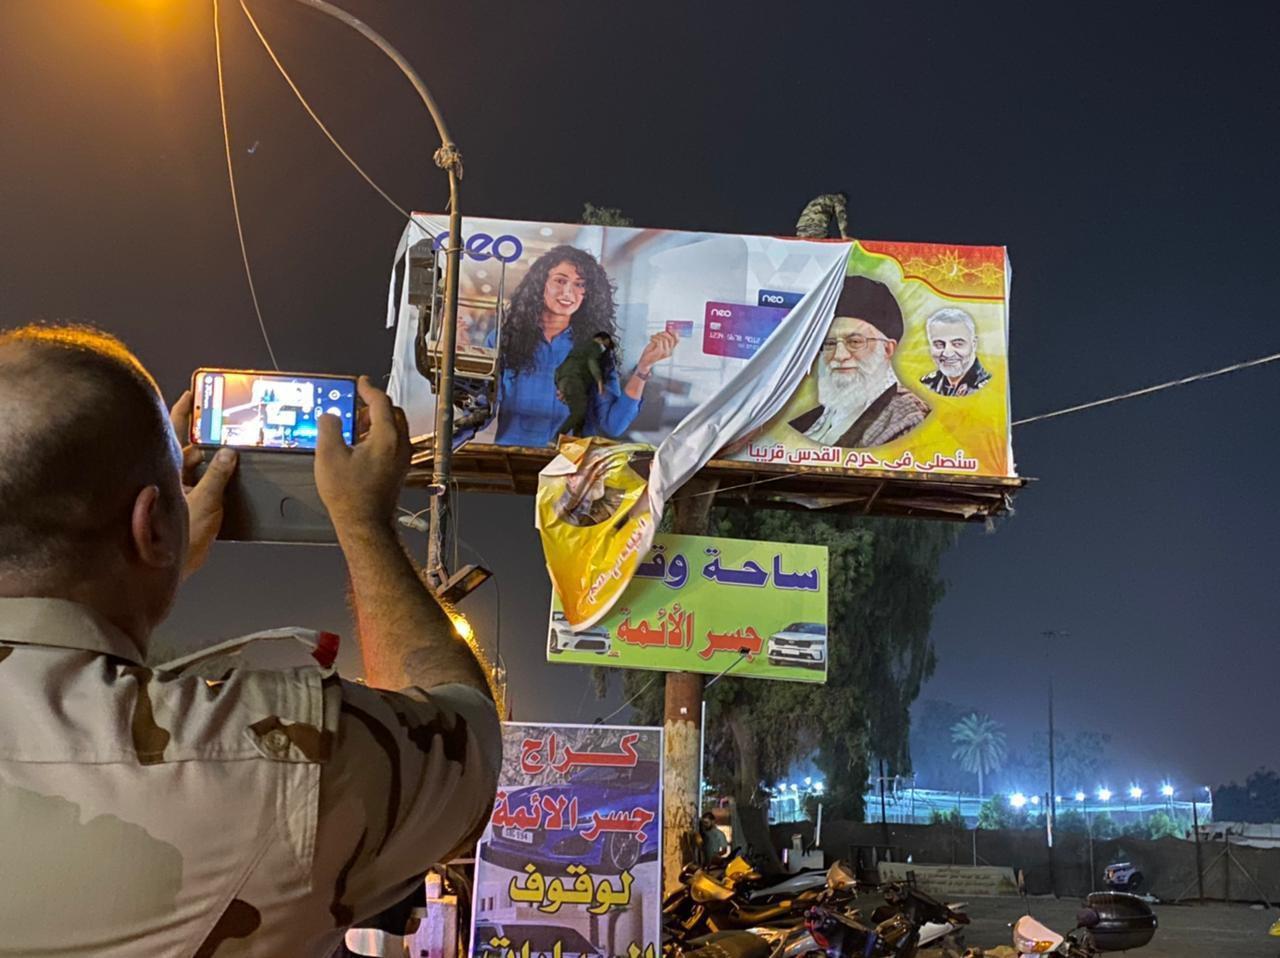 ازالة صورة لقادة ايرانيين من اكبر احياء السنة في بغداد